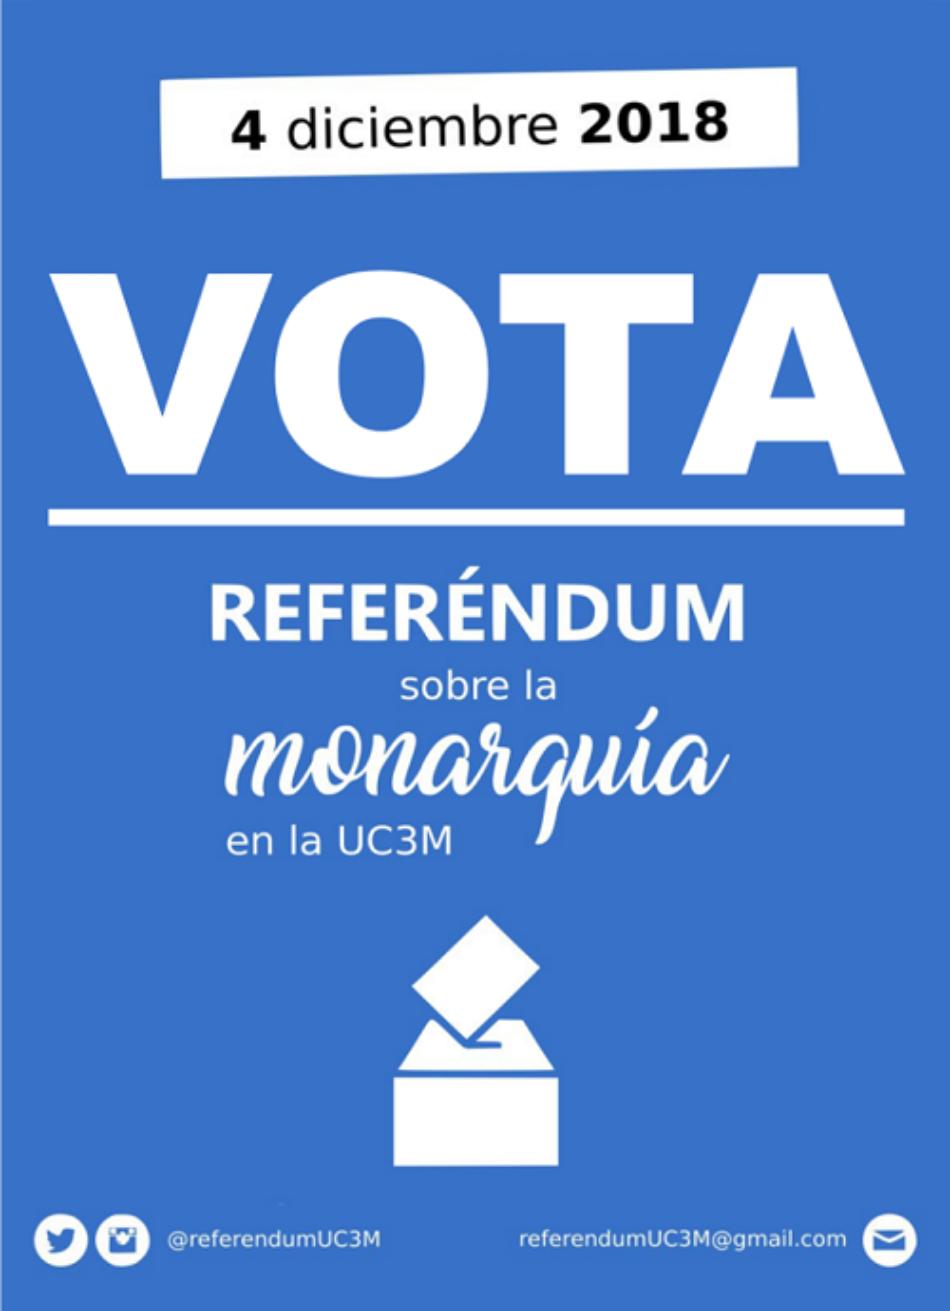 La Universidad Carlos III vota el día 4